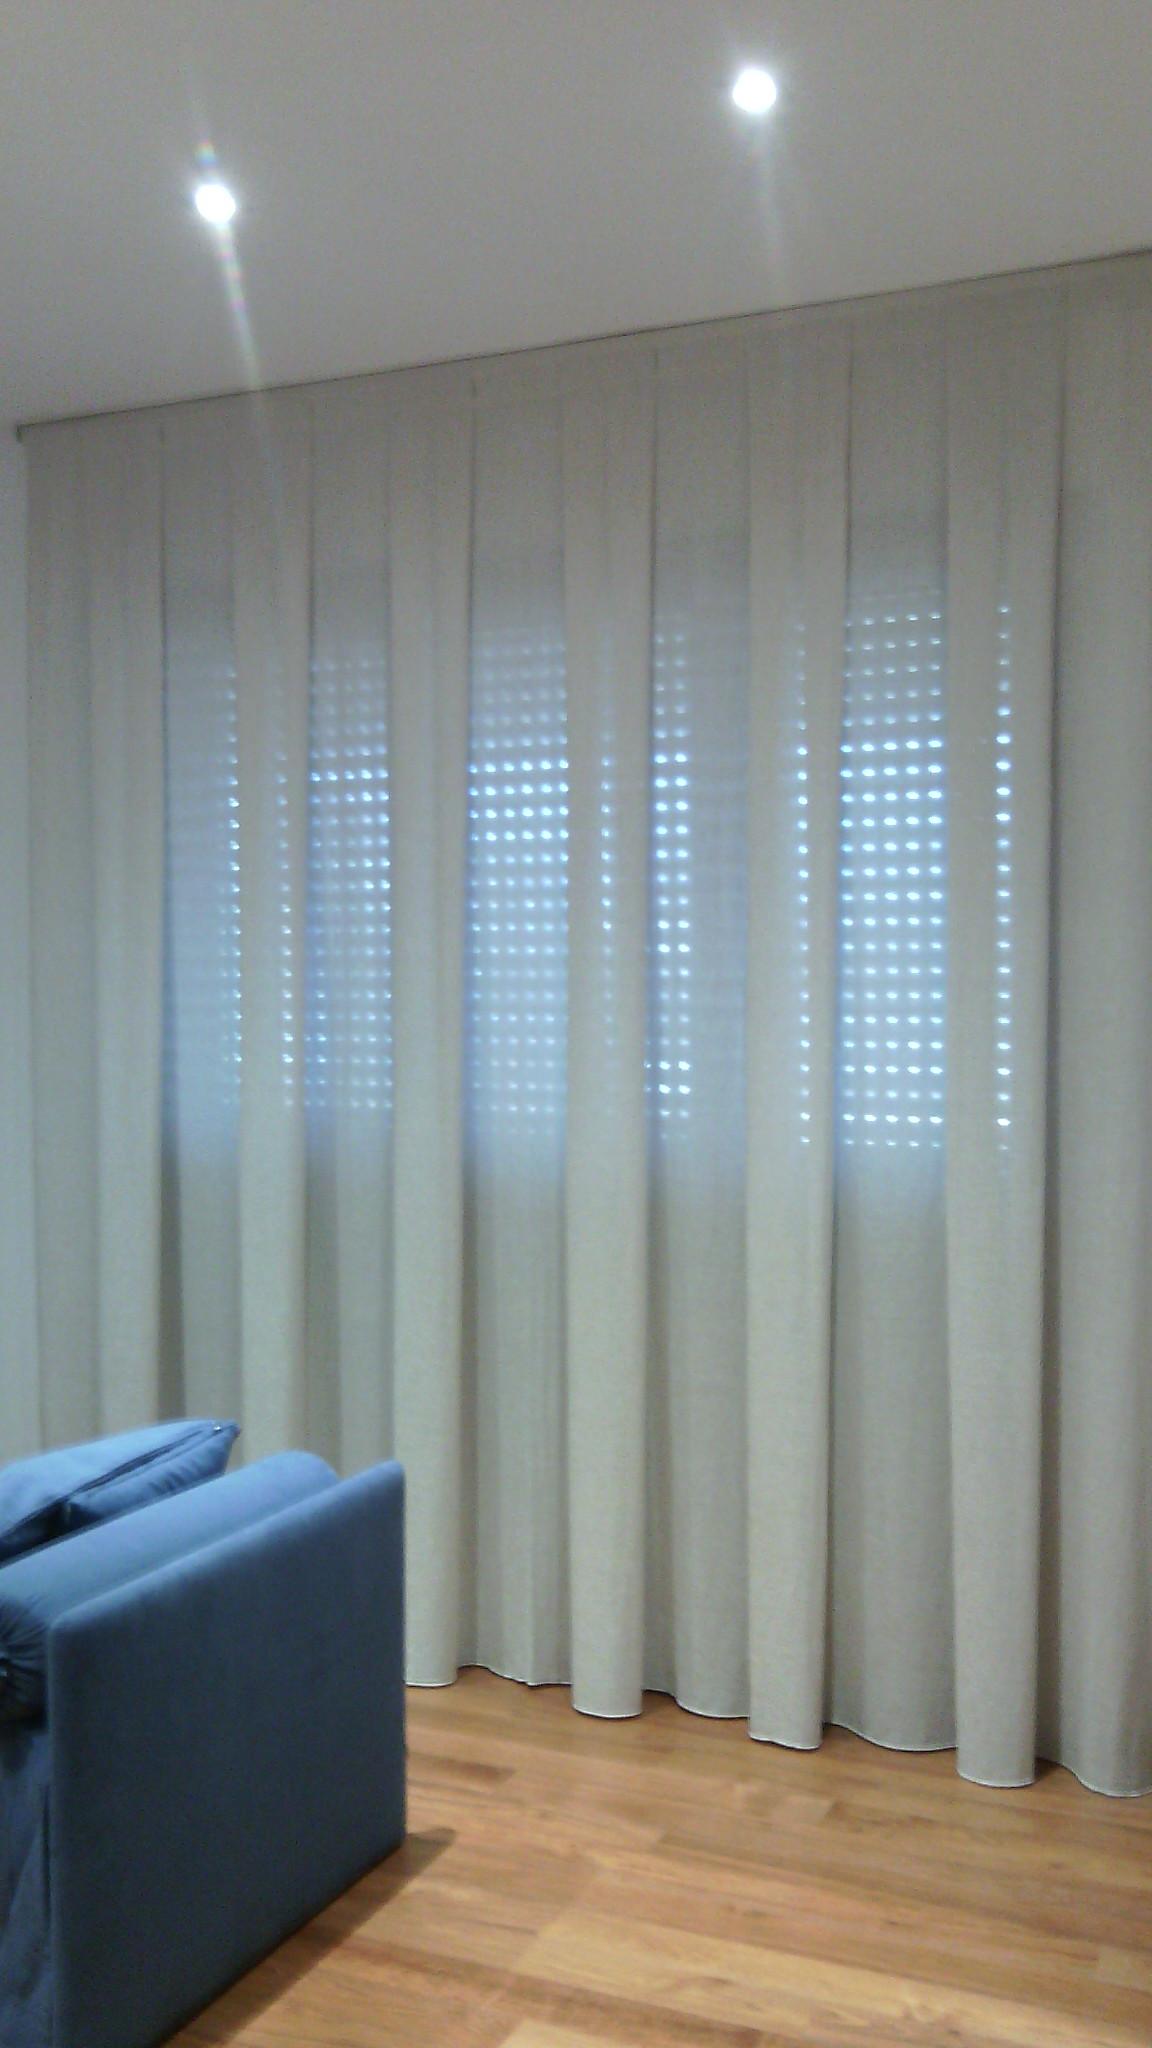 Tende a binario moderne tappezzeria longo venezia binario for Ikea binario tende